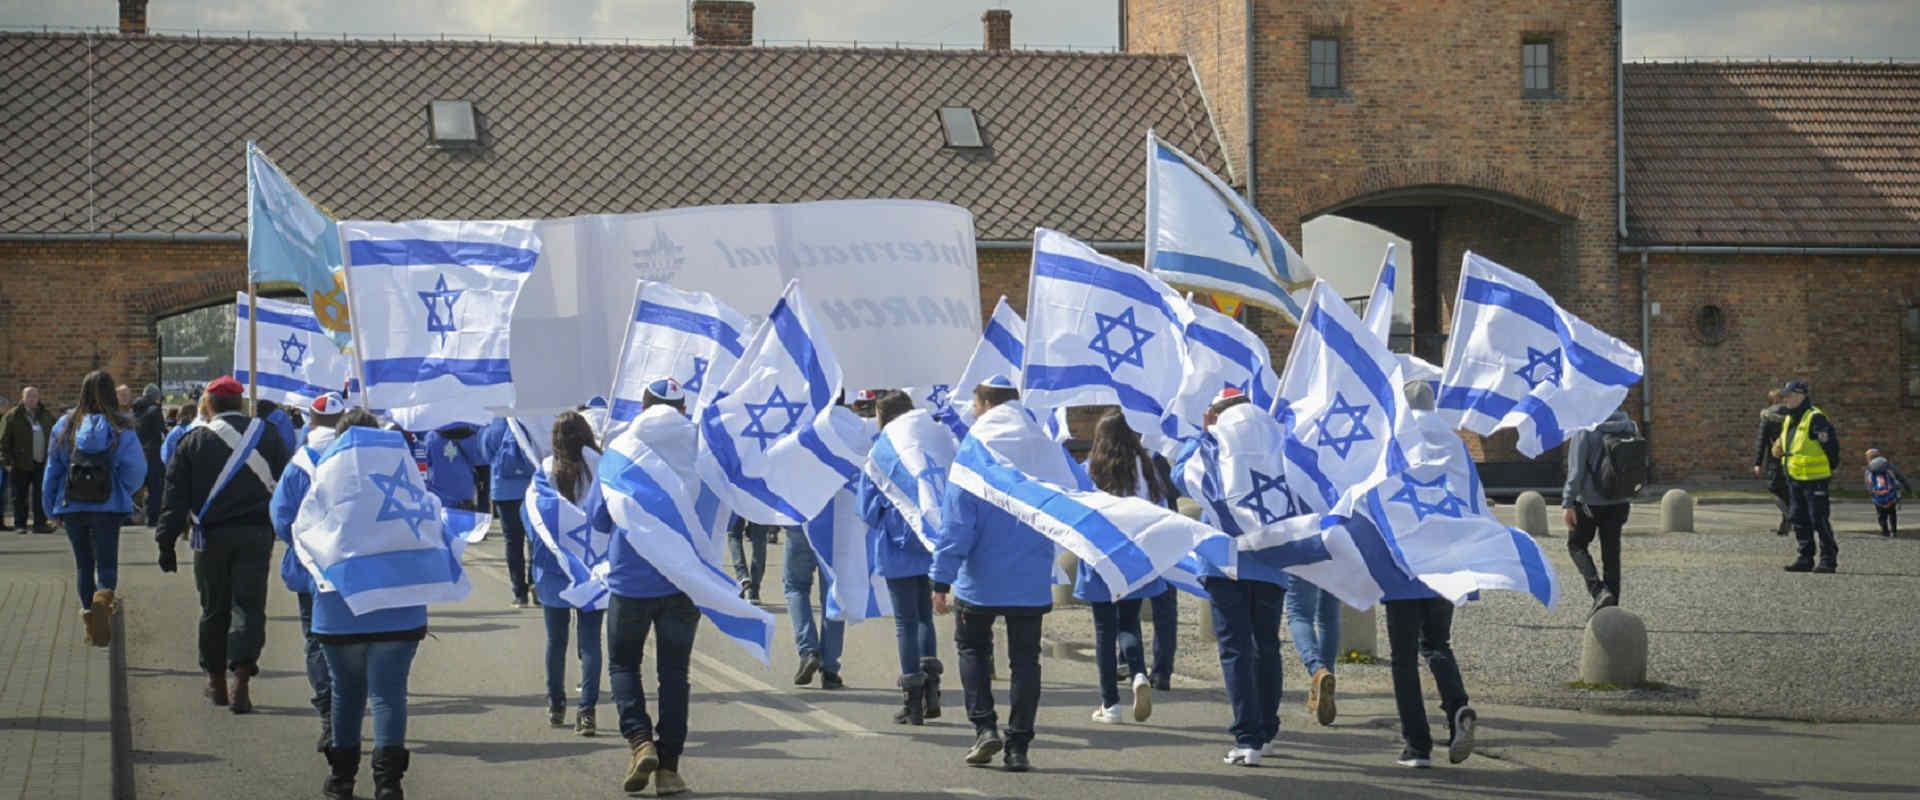 ישראלים במסע לפולין